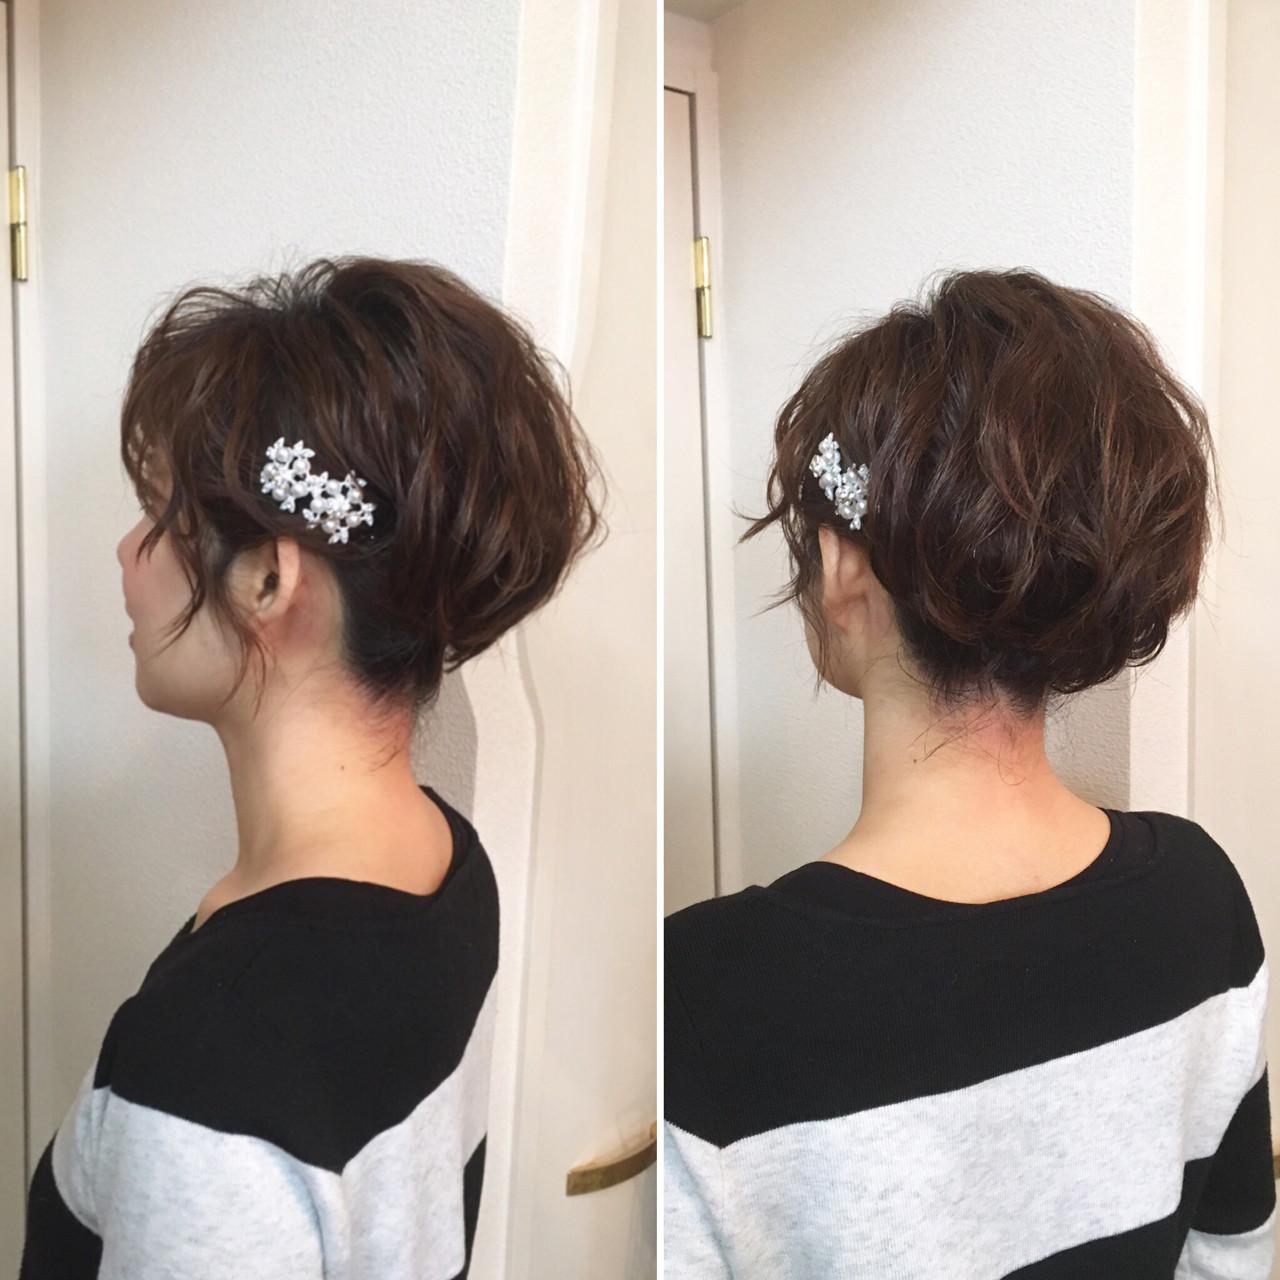 結婚式髪型はやっぱりアップ♡長さ別!女度が上がるアップアレンジをご紹介! ヘアメイクa-ko